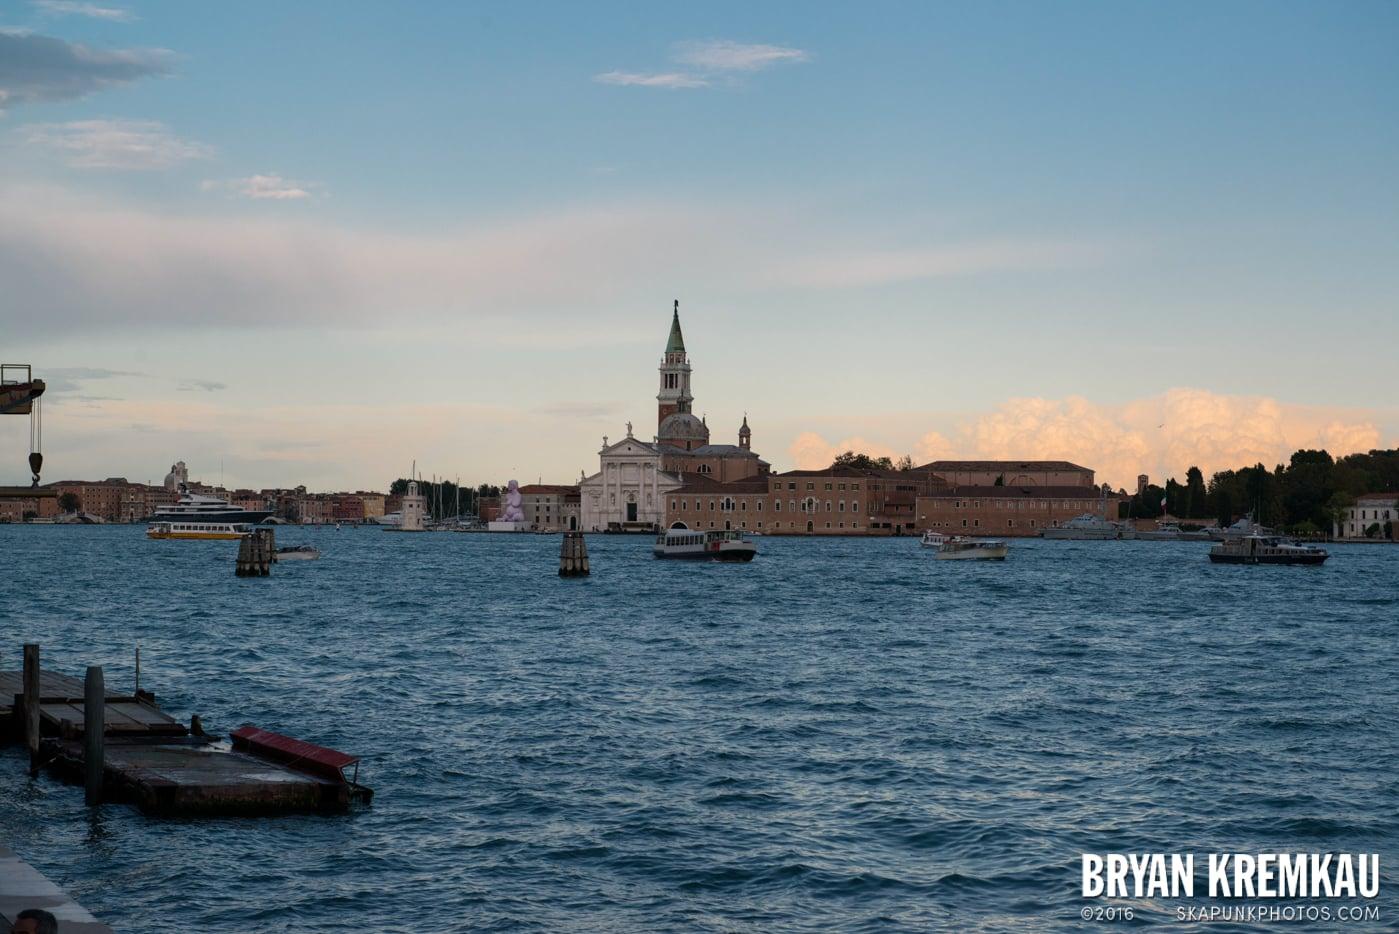 Italy Vacation - Day 4: Venice - 9.12.13 (11)